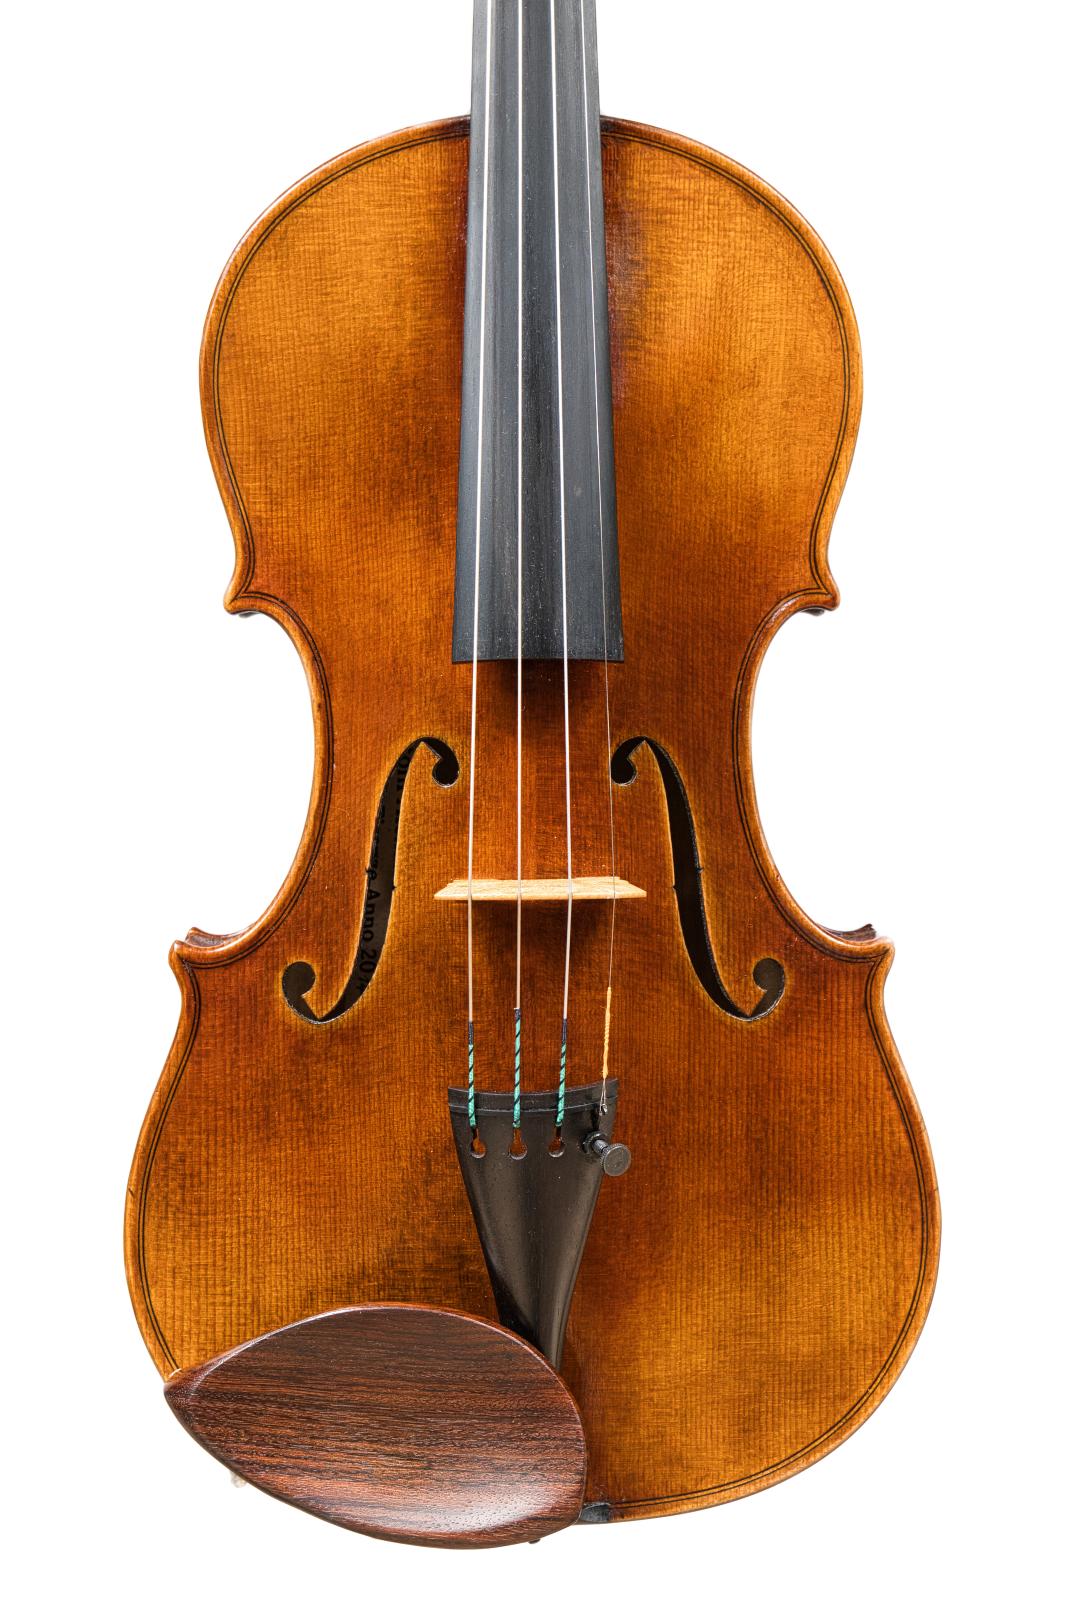 Violin by Antoni Ruschil, 2014 'L'Albero Fiorito'